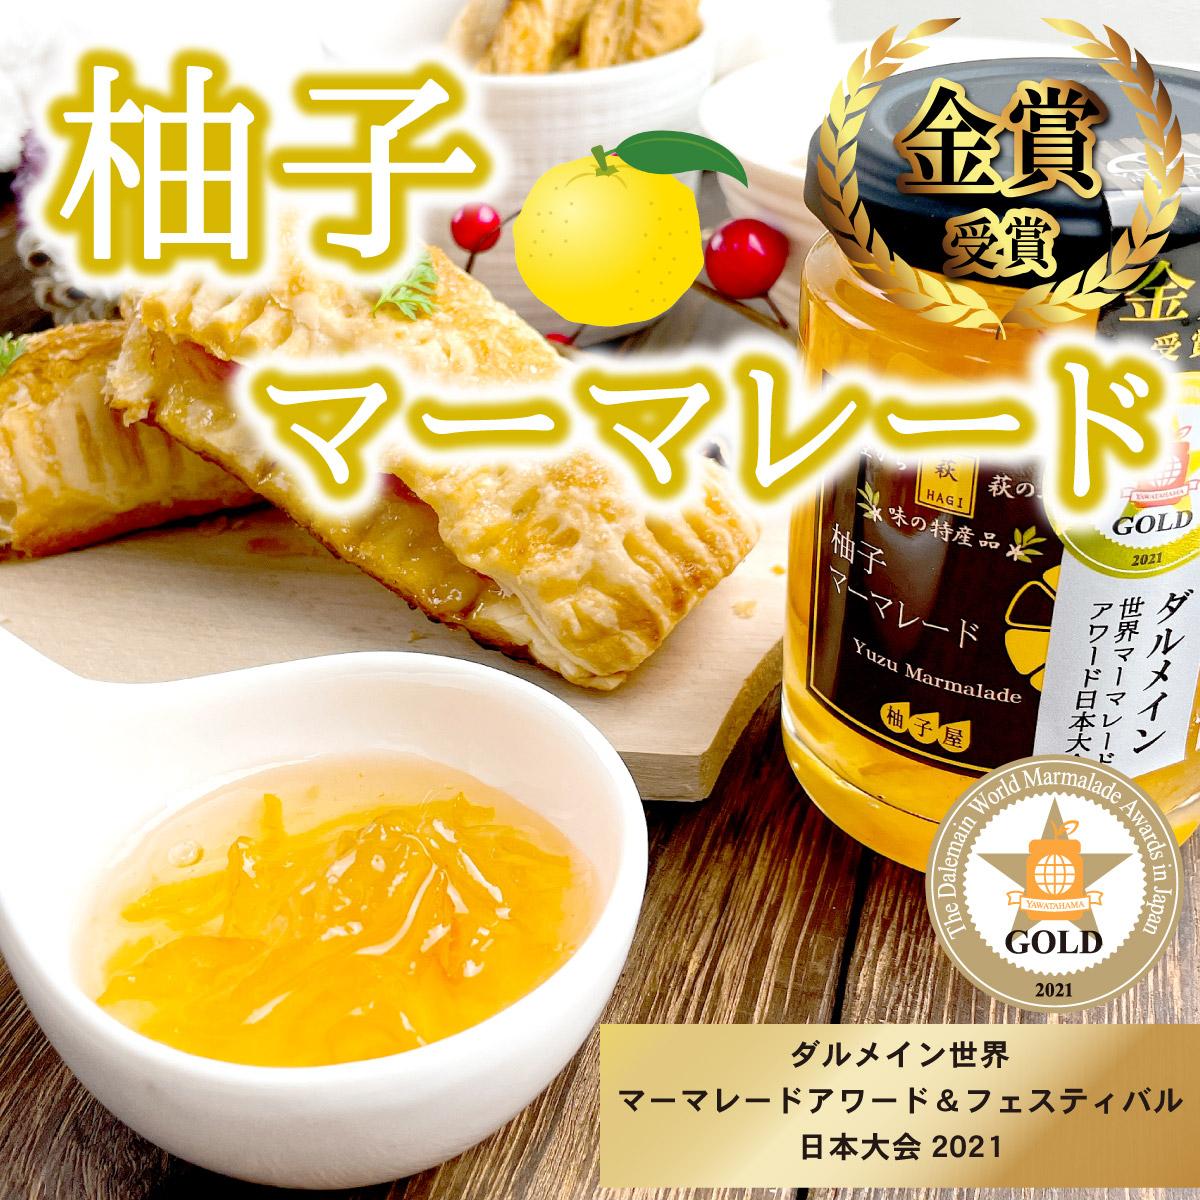 柚子マーマレードTop